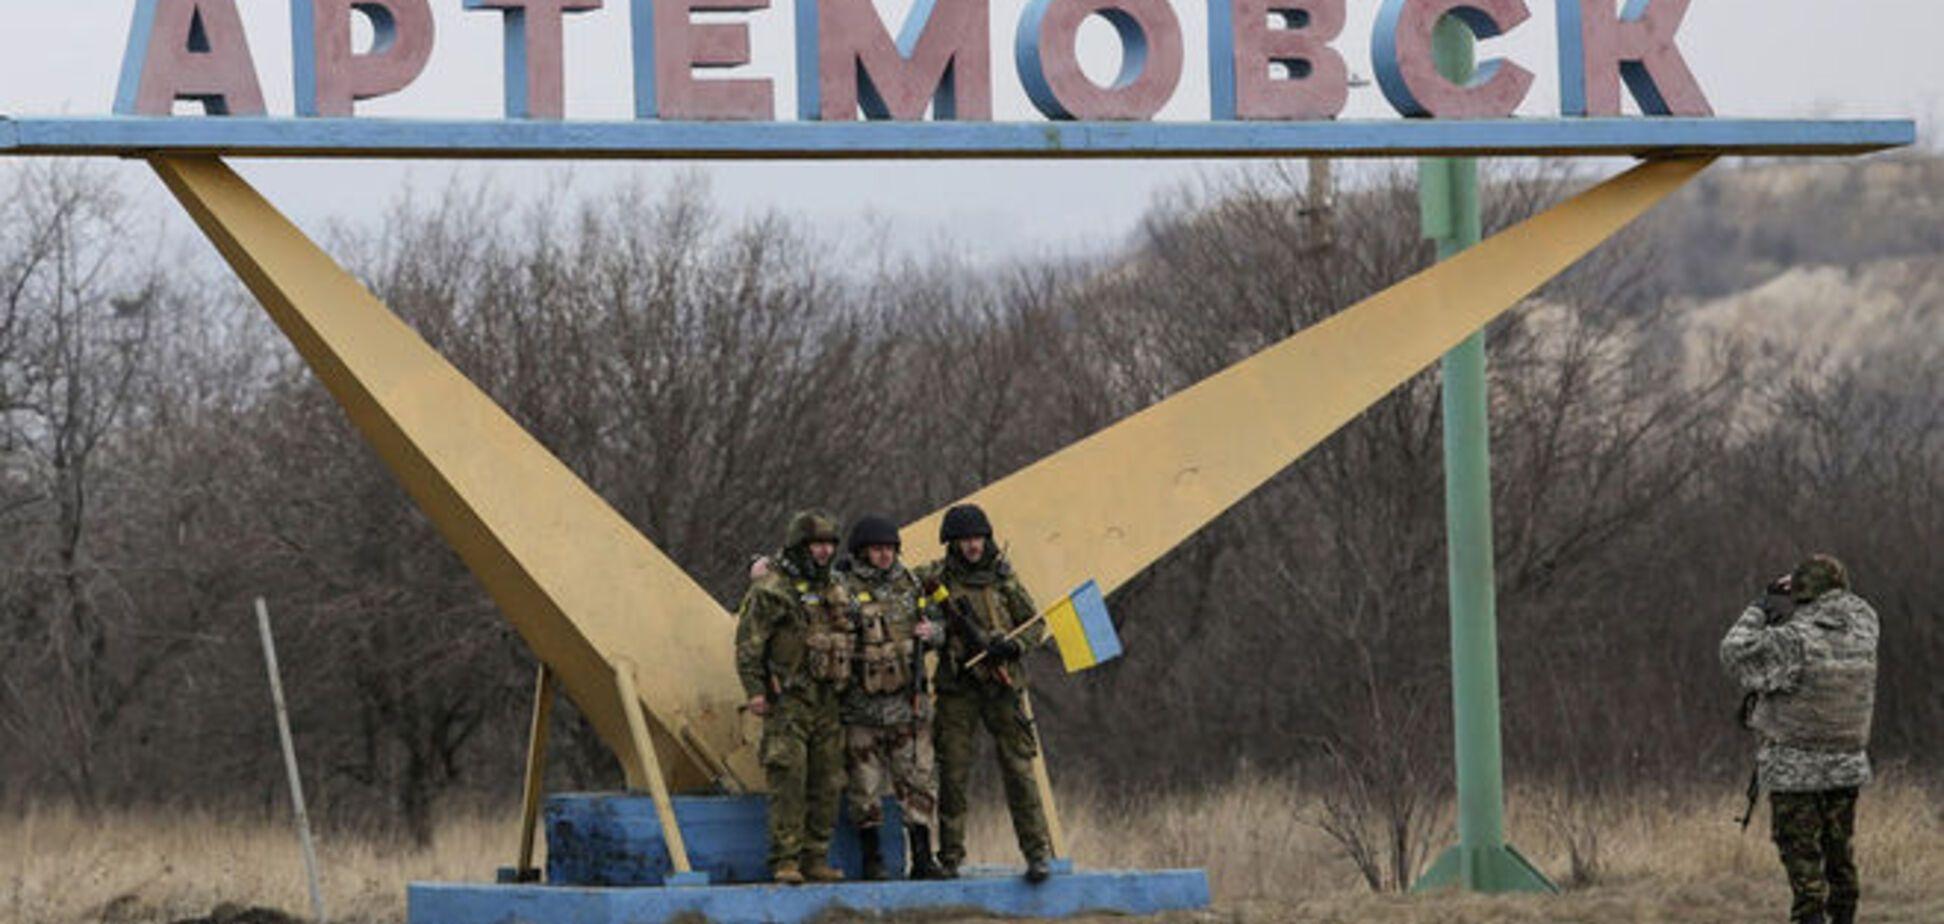 Более полтонны взрывчатки изъяли у фермера в Донецкой области